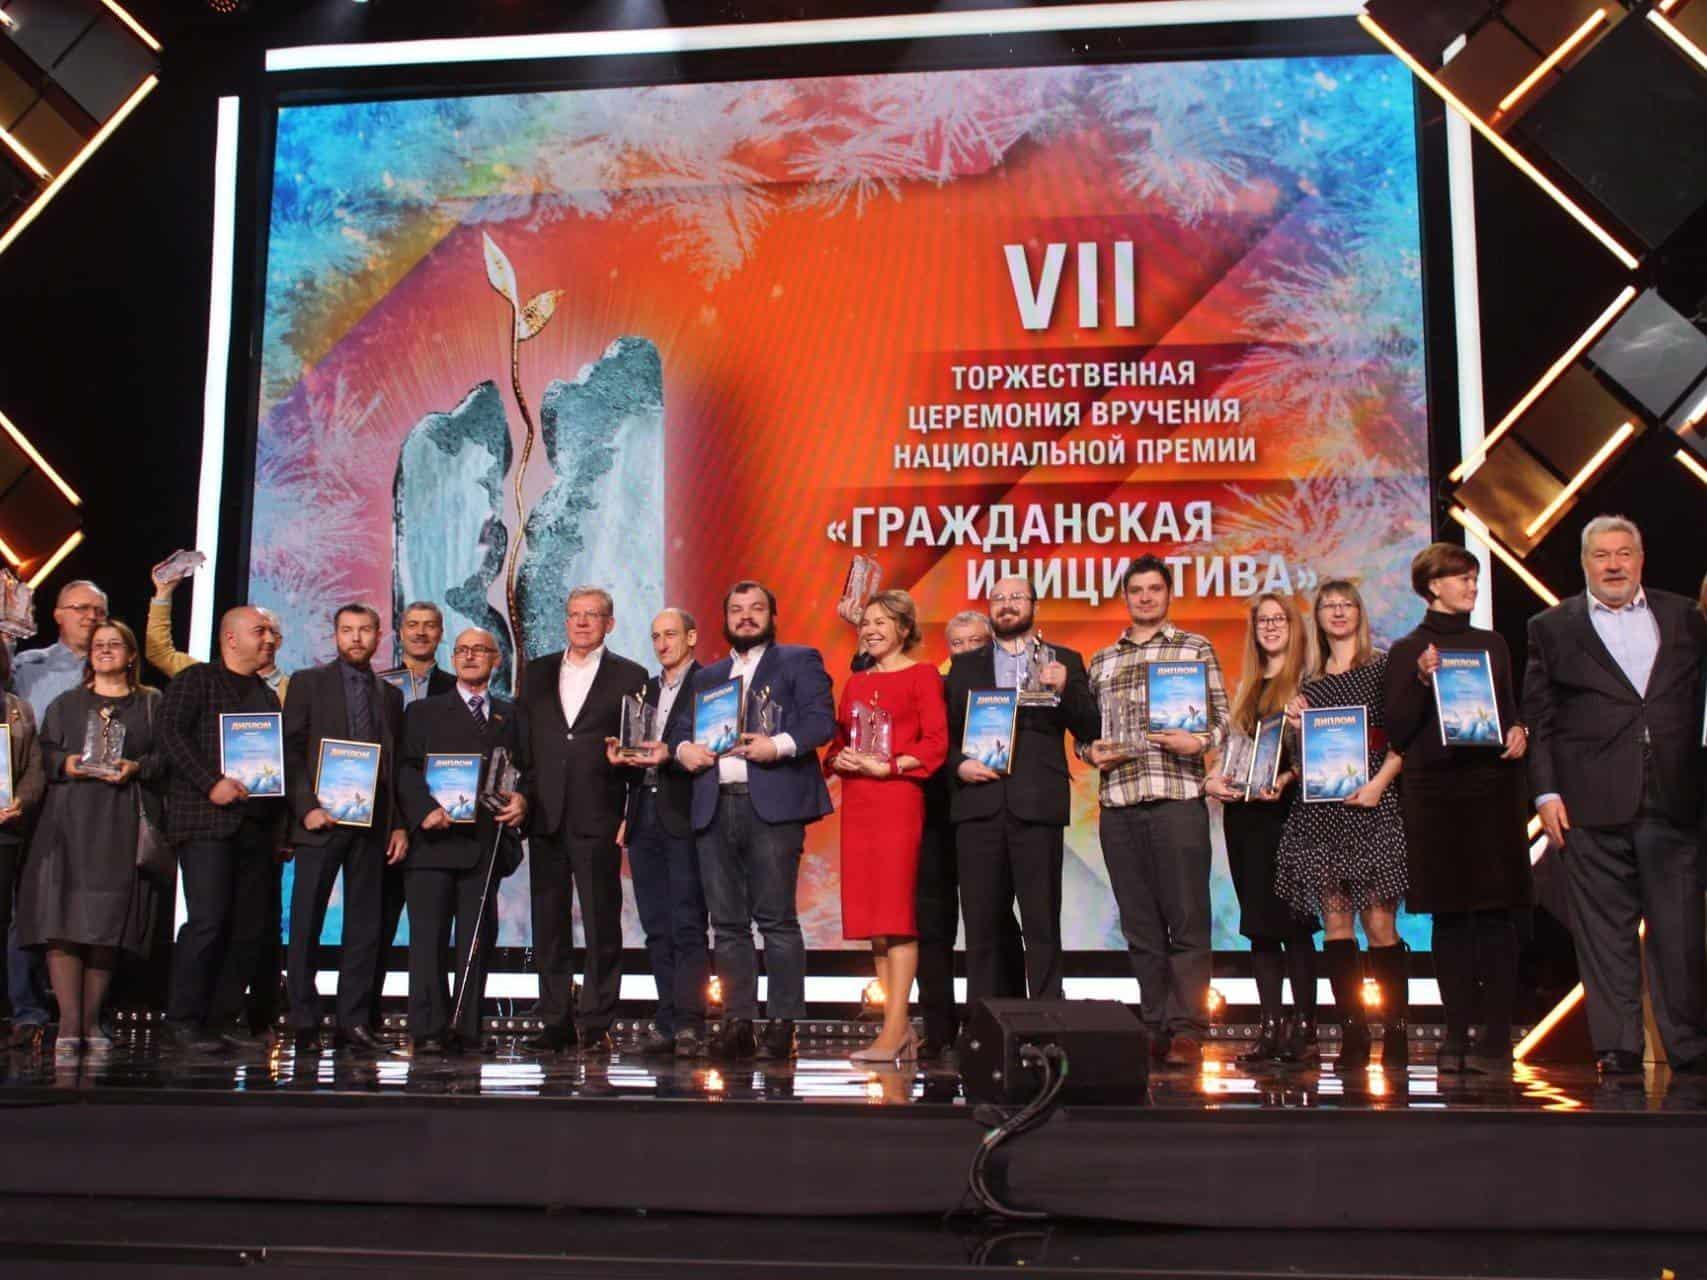 программа ОТР: Национальная премия Гражданская инициатива VII торжественная церемония награждения